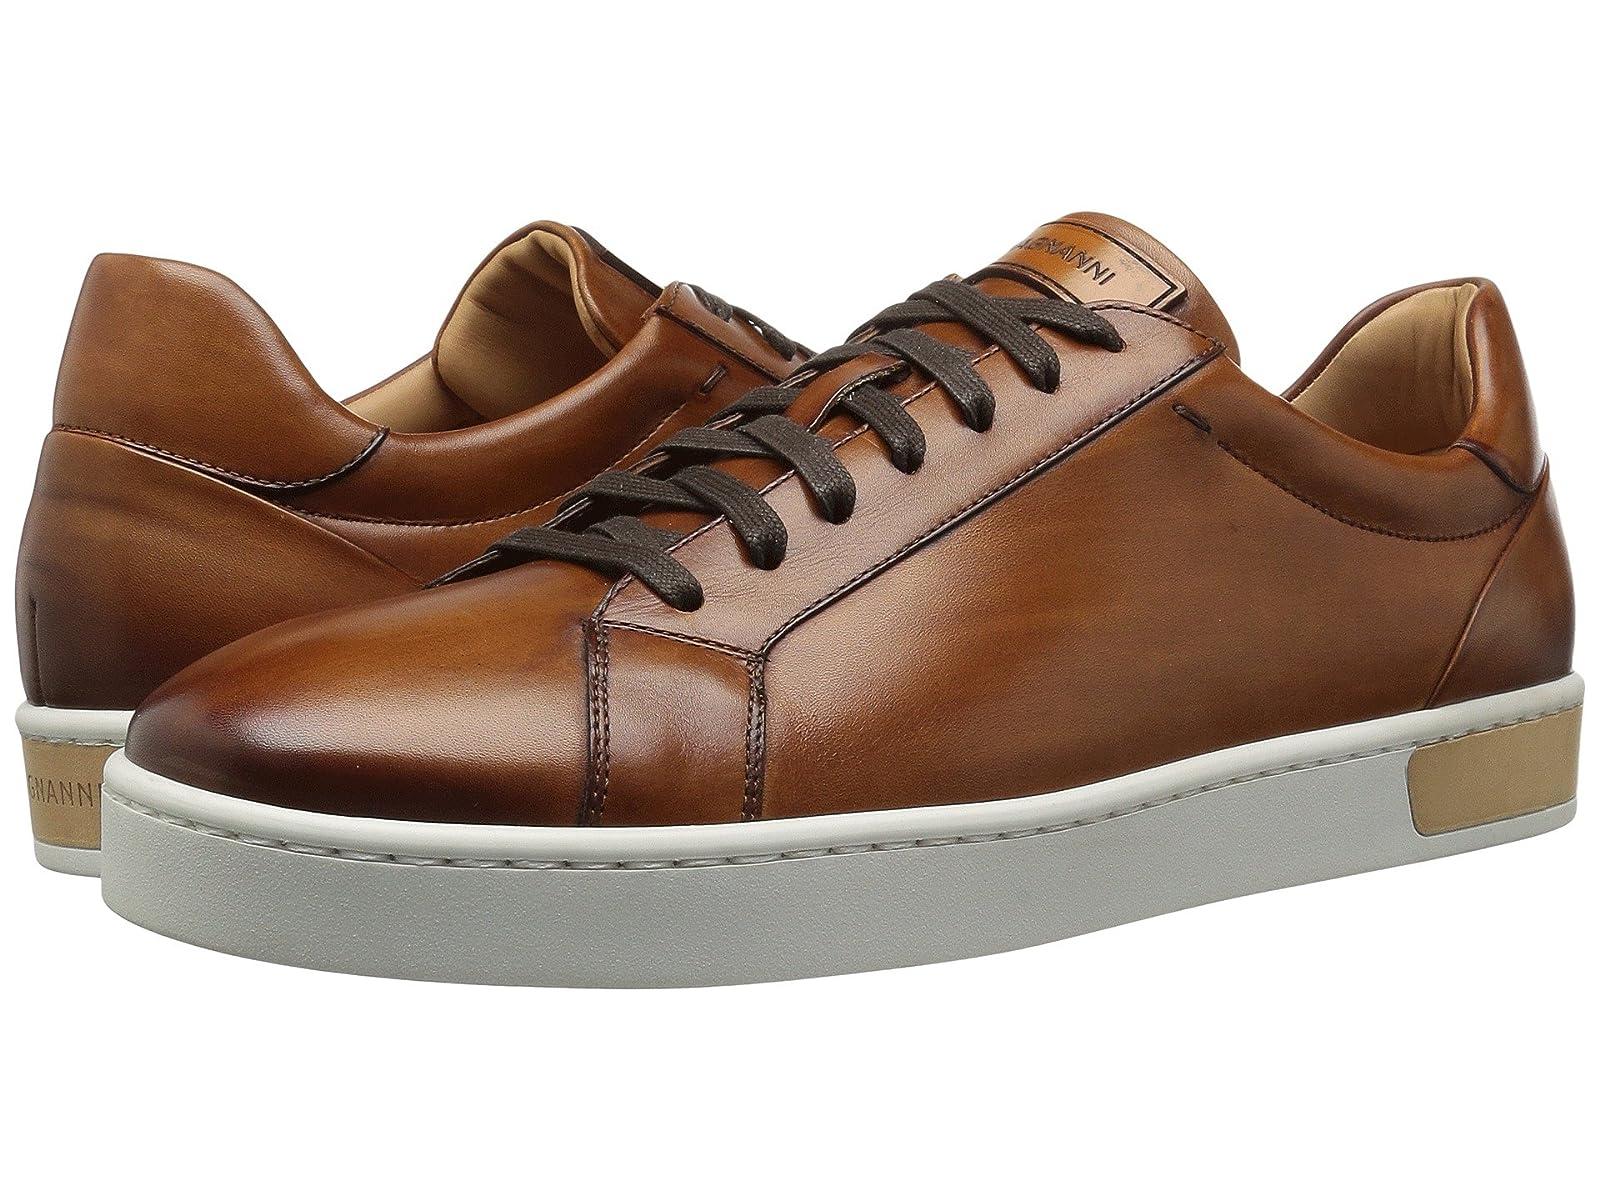 Magnanni CaballerosAtmospheric grades have affordable shoes